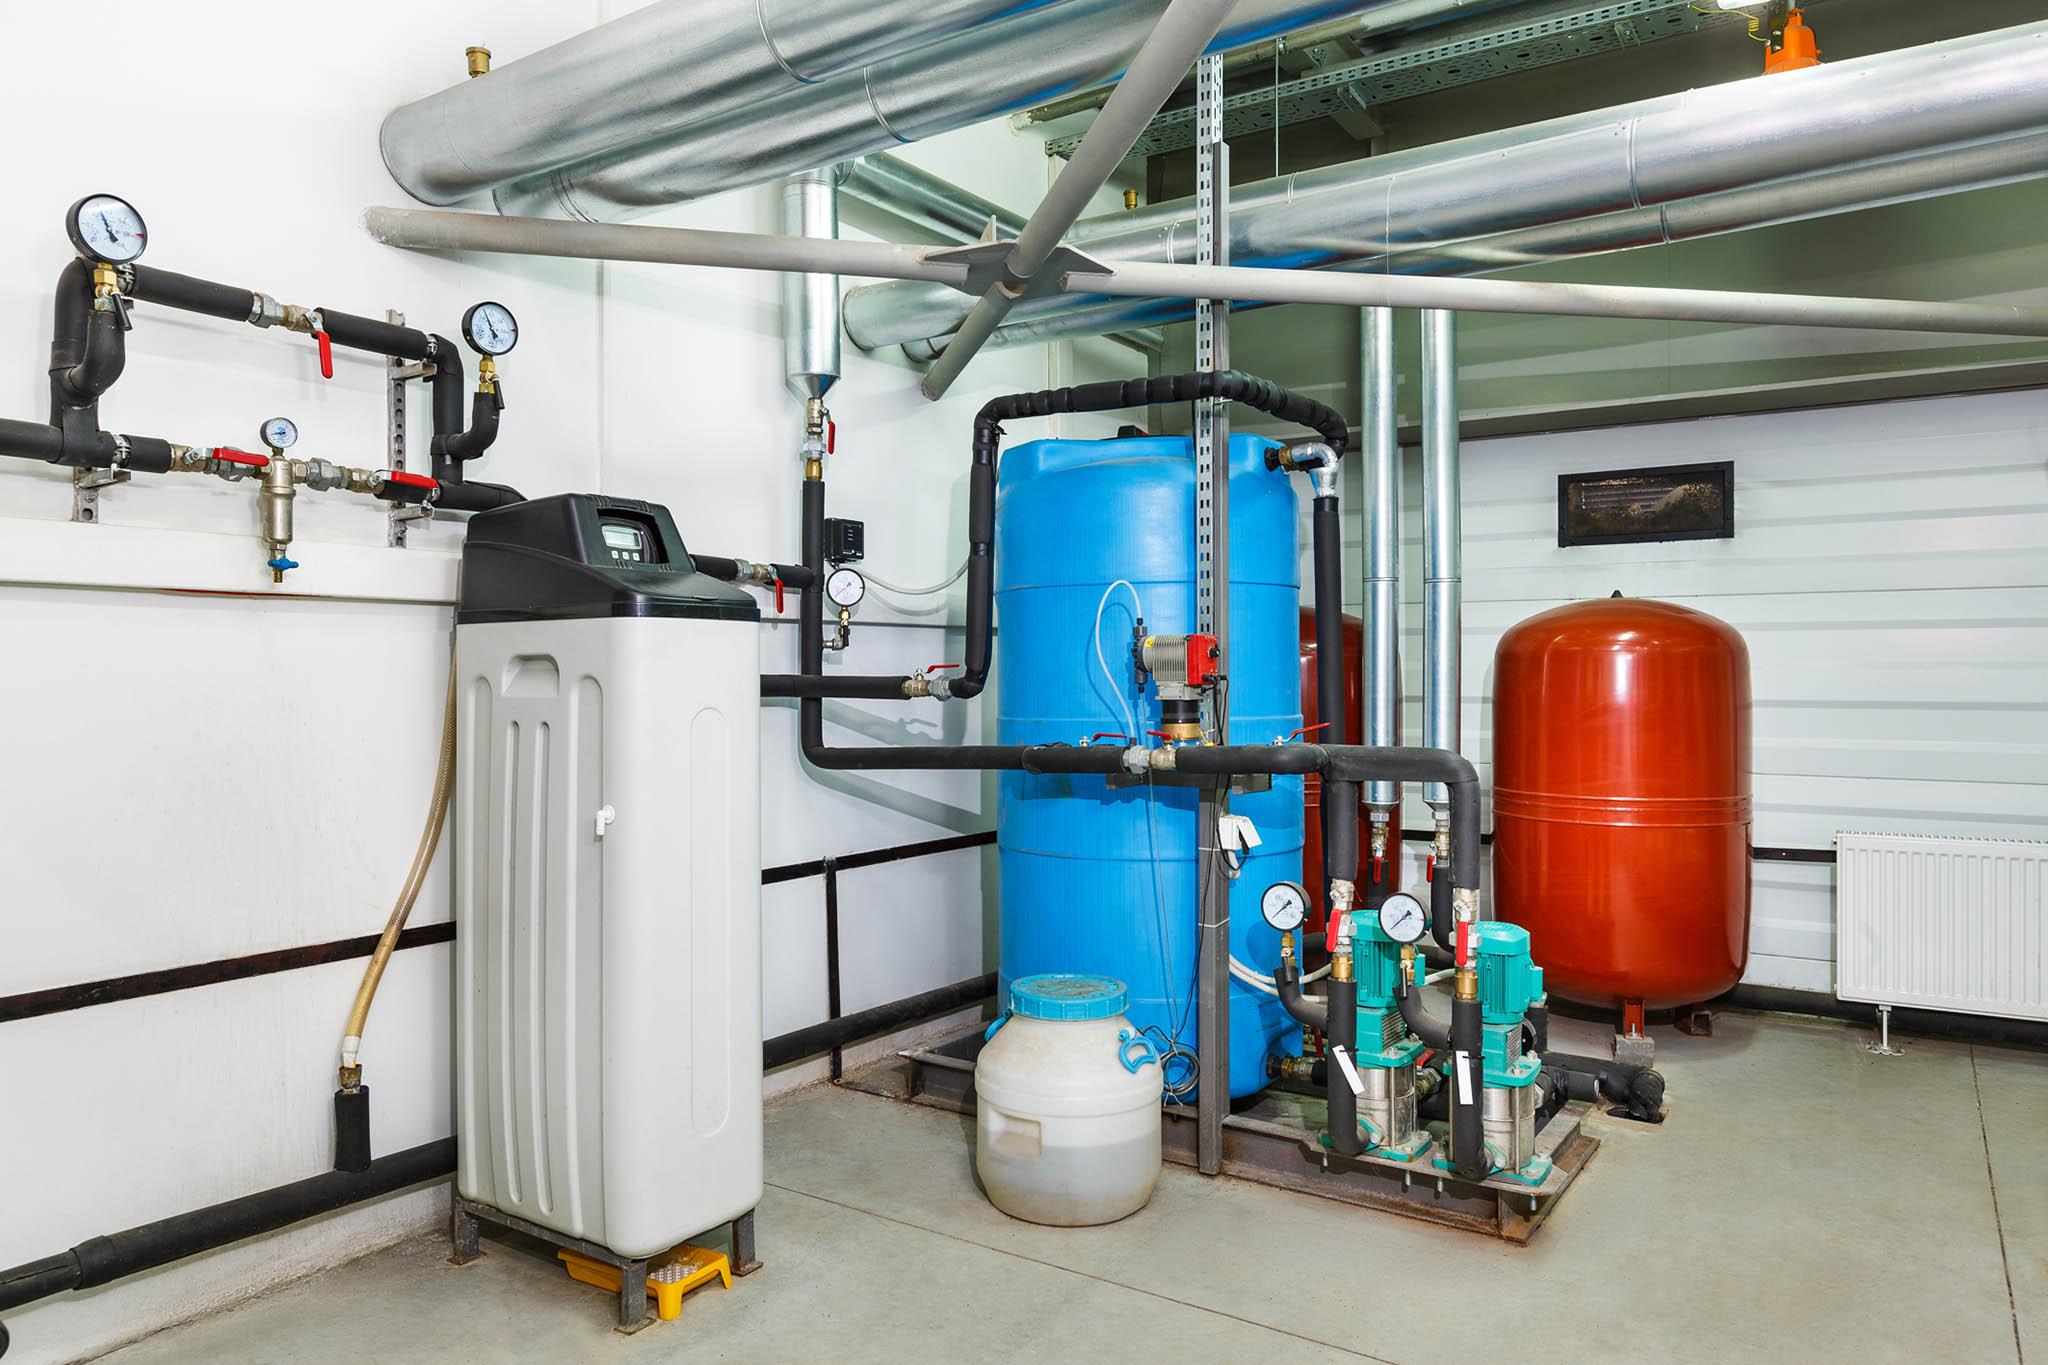 Když je blízko domu plynová přípojka arozvod zemního plynu, je zajímavou volbou plynový kondenzační kotel.